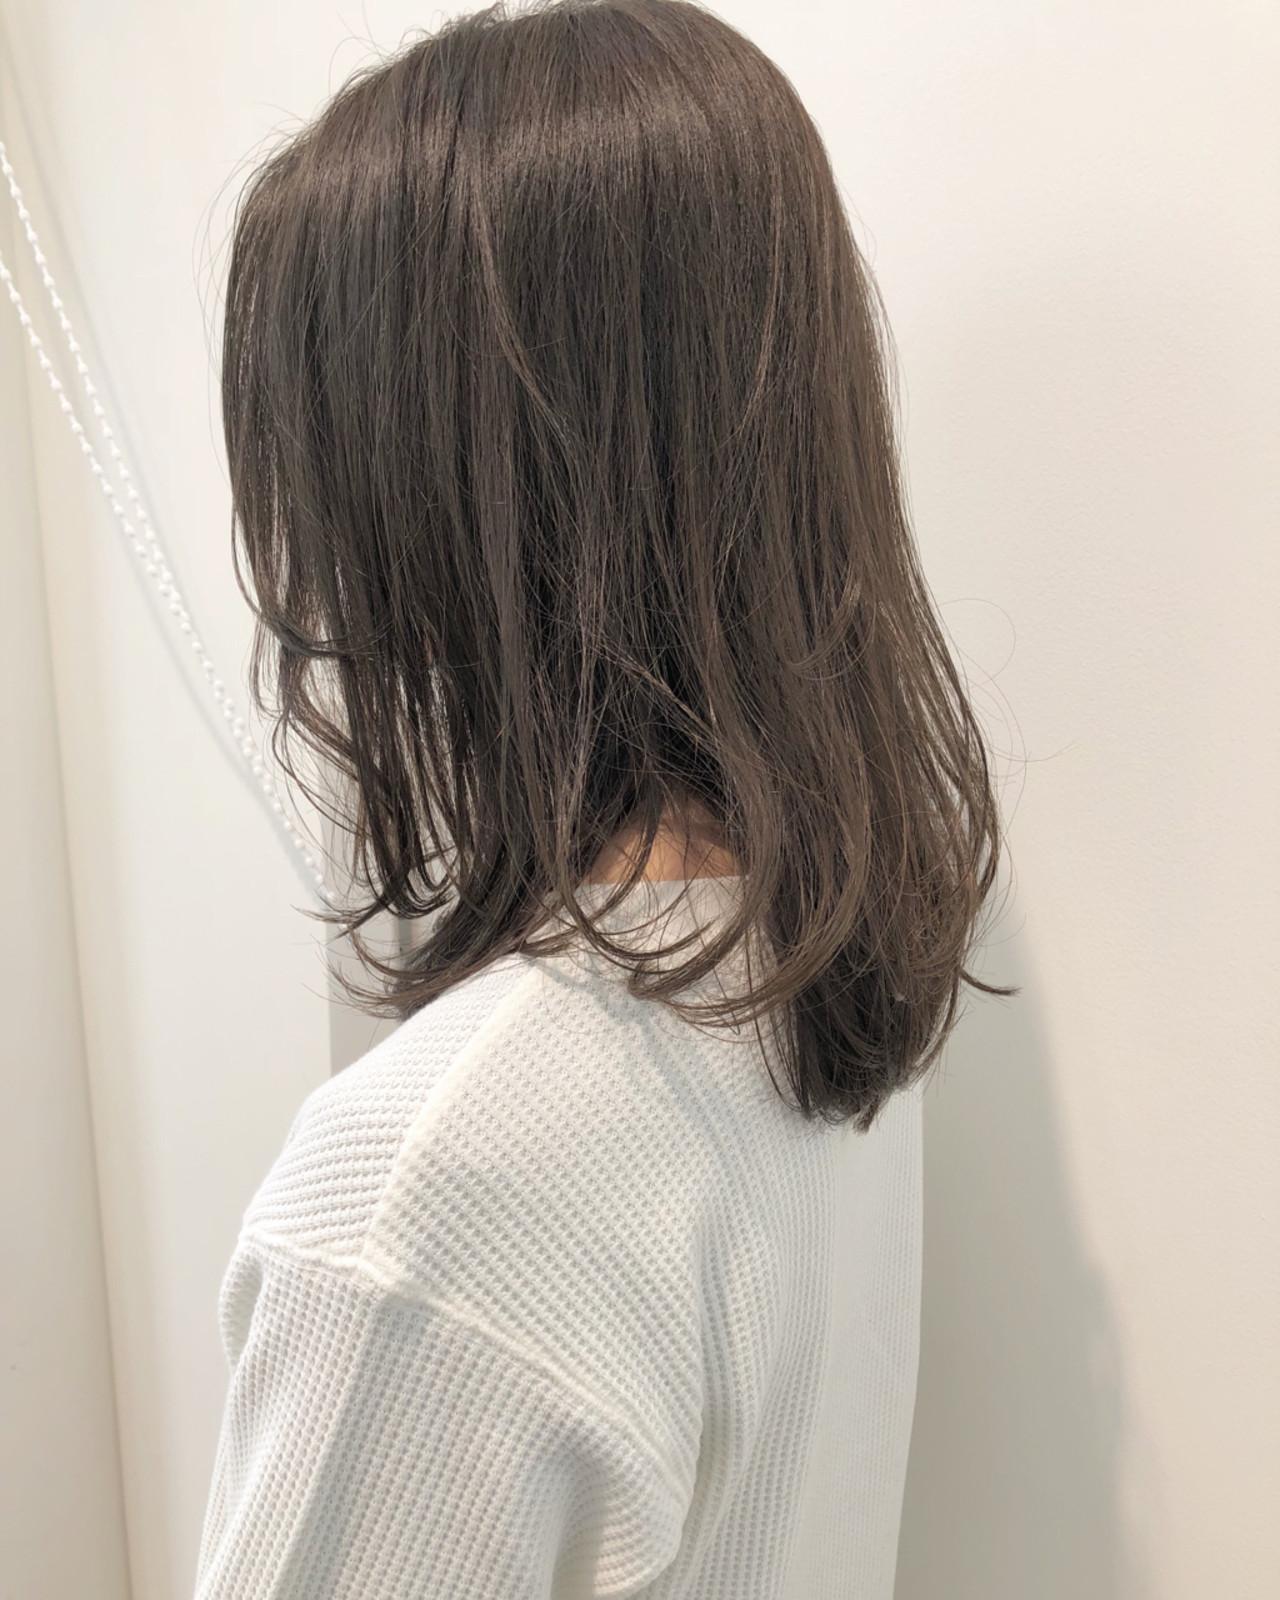 モテ髪 ロブ 愛され ナチュラル ヘアスタイルや髪型の写真・画像